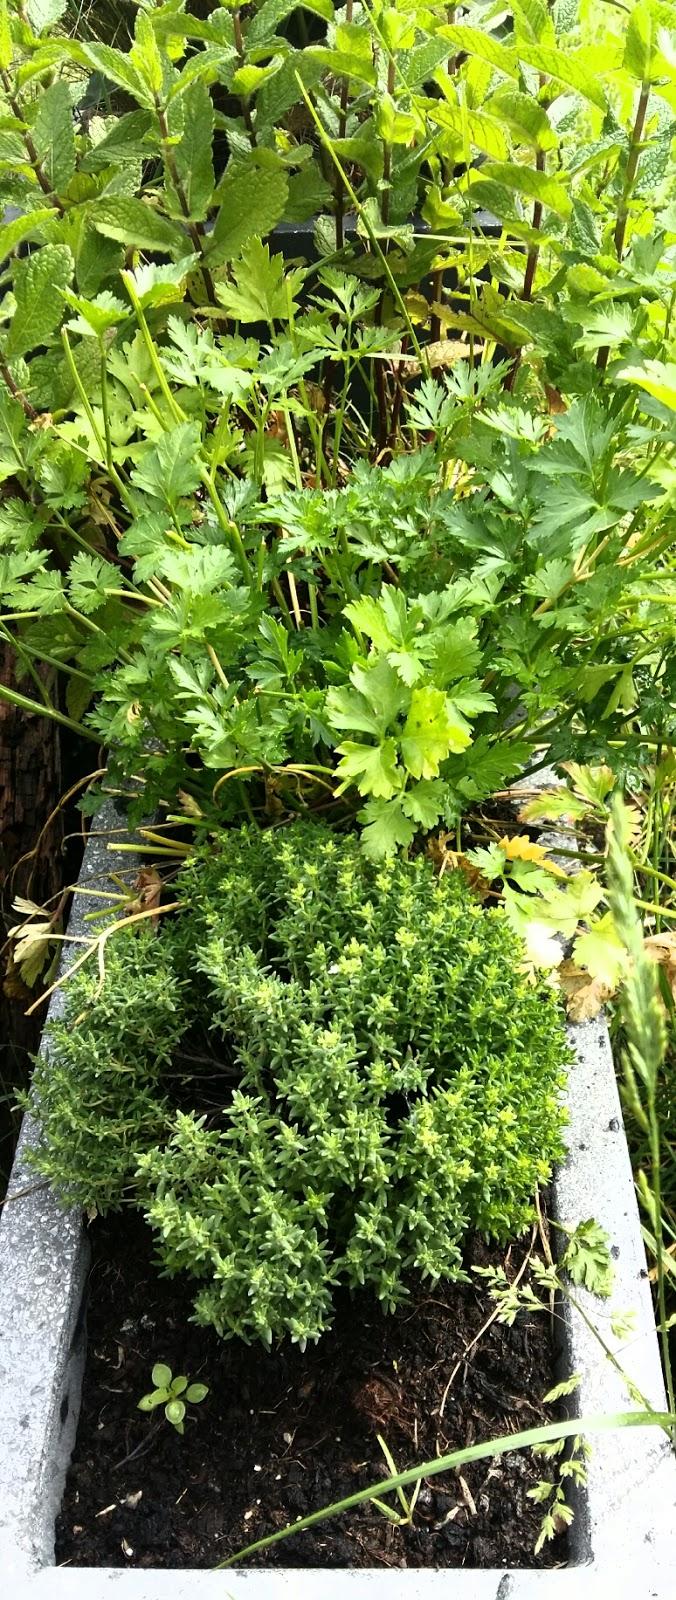 Planter Herbes Aromatiques Jardiniere créer vos produits naturels : simple et pas cher !: 7 idées